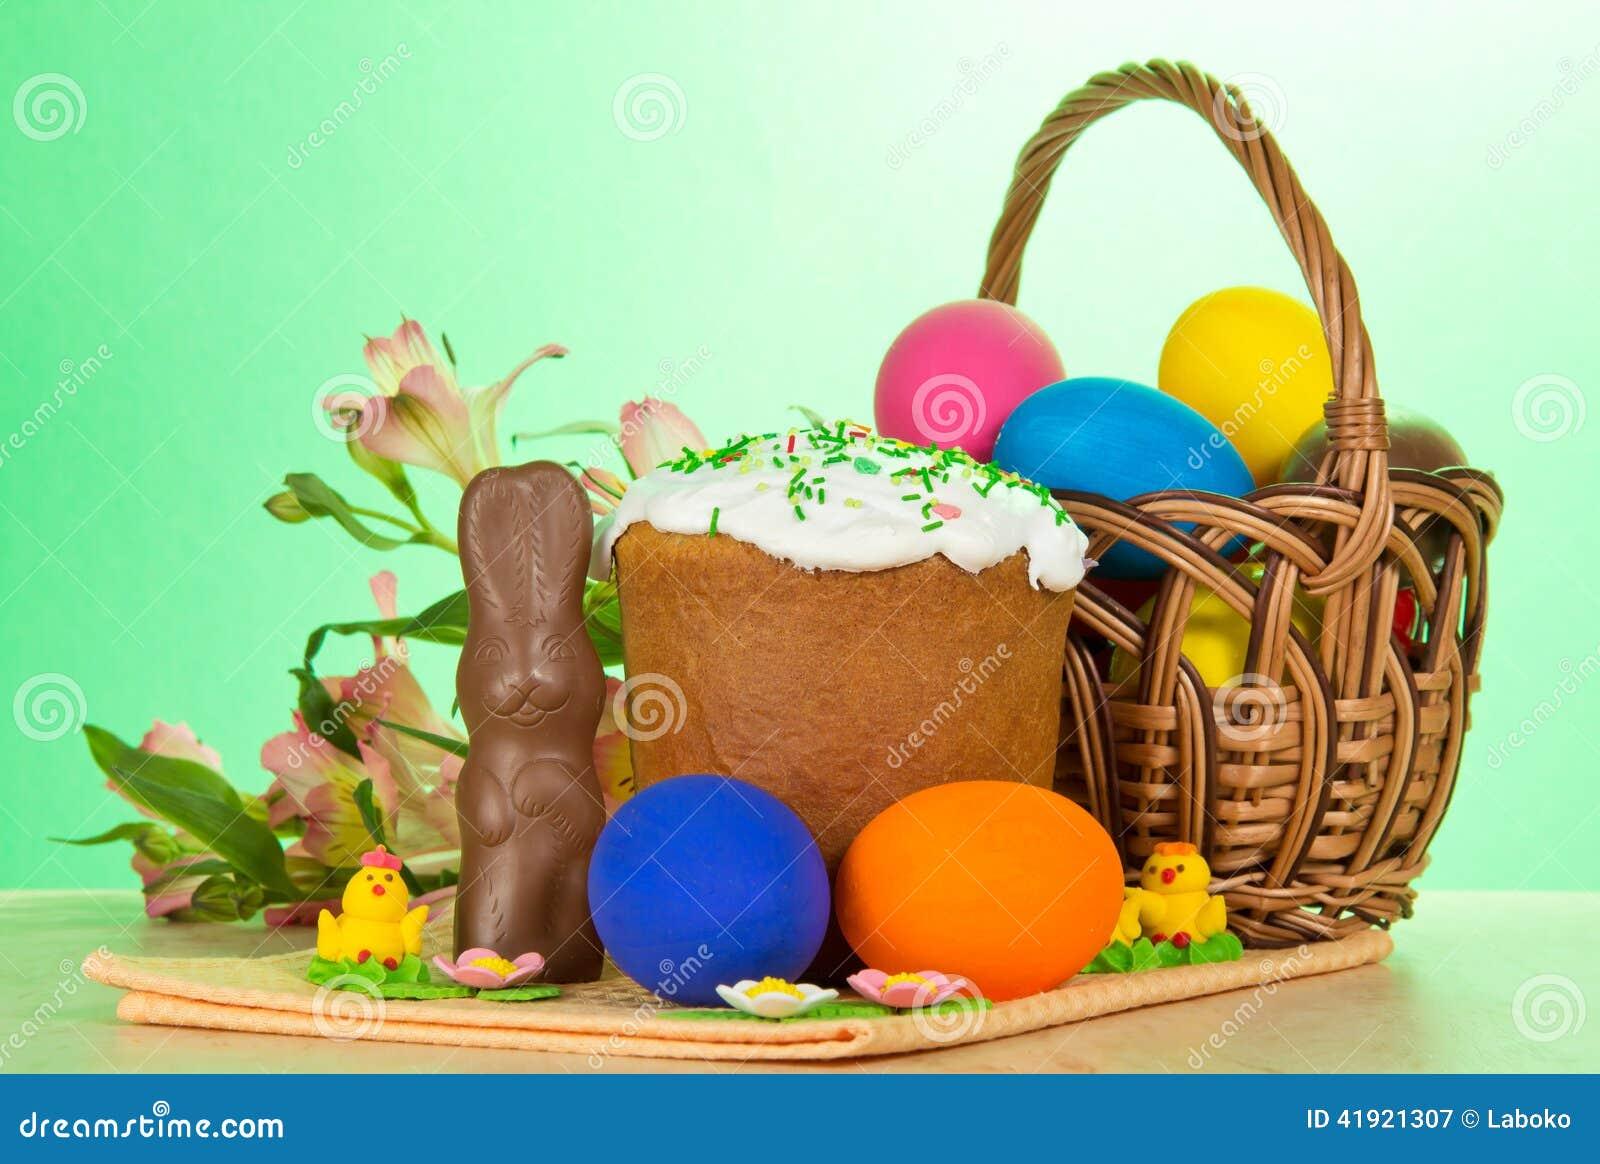 Ovos, um bolo da Páscoa, coelho e alstromeria